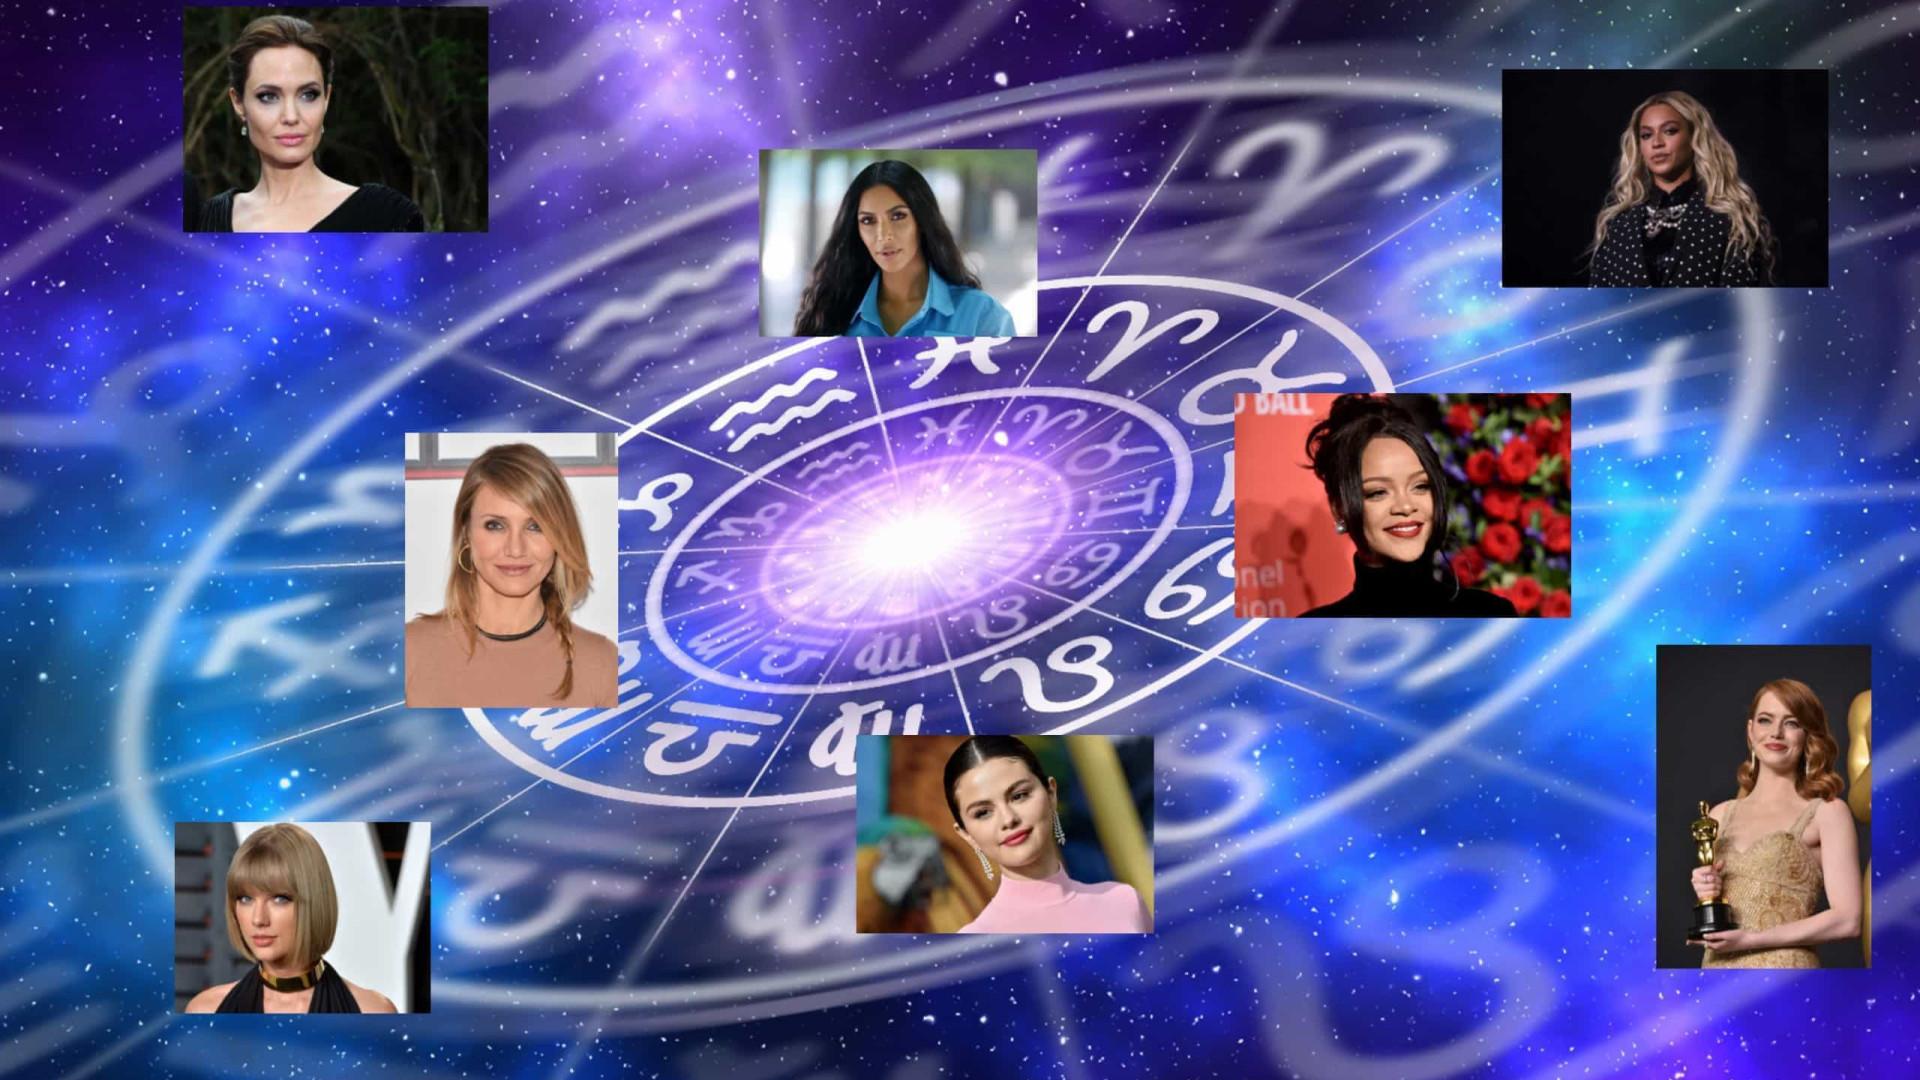 Celebridades que acreditam muito em astrologia! Você sabe o signo dessas famosas?